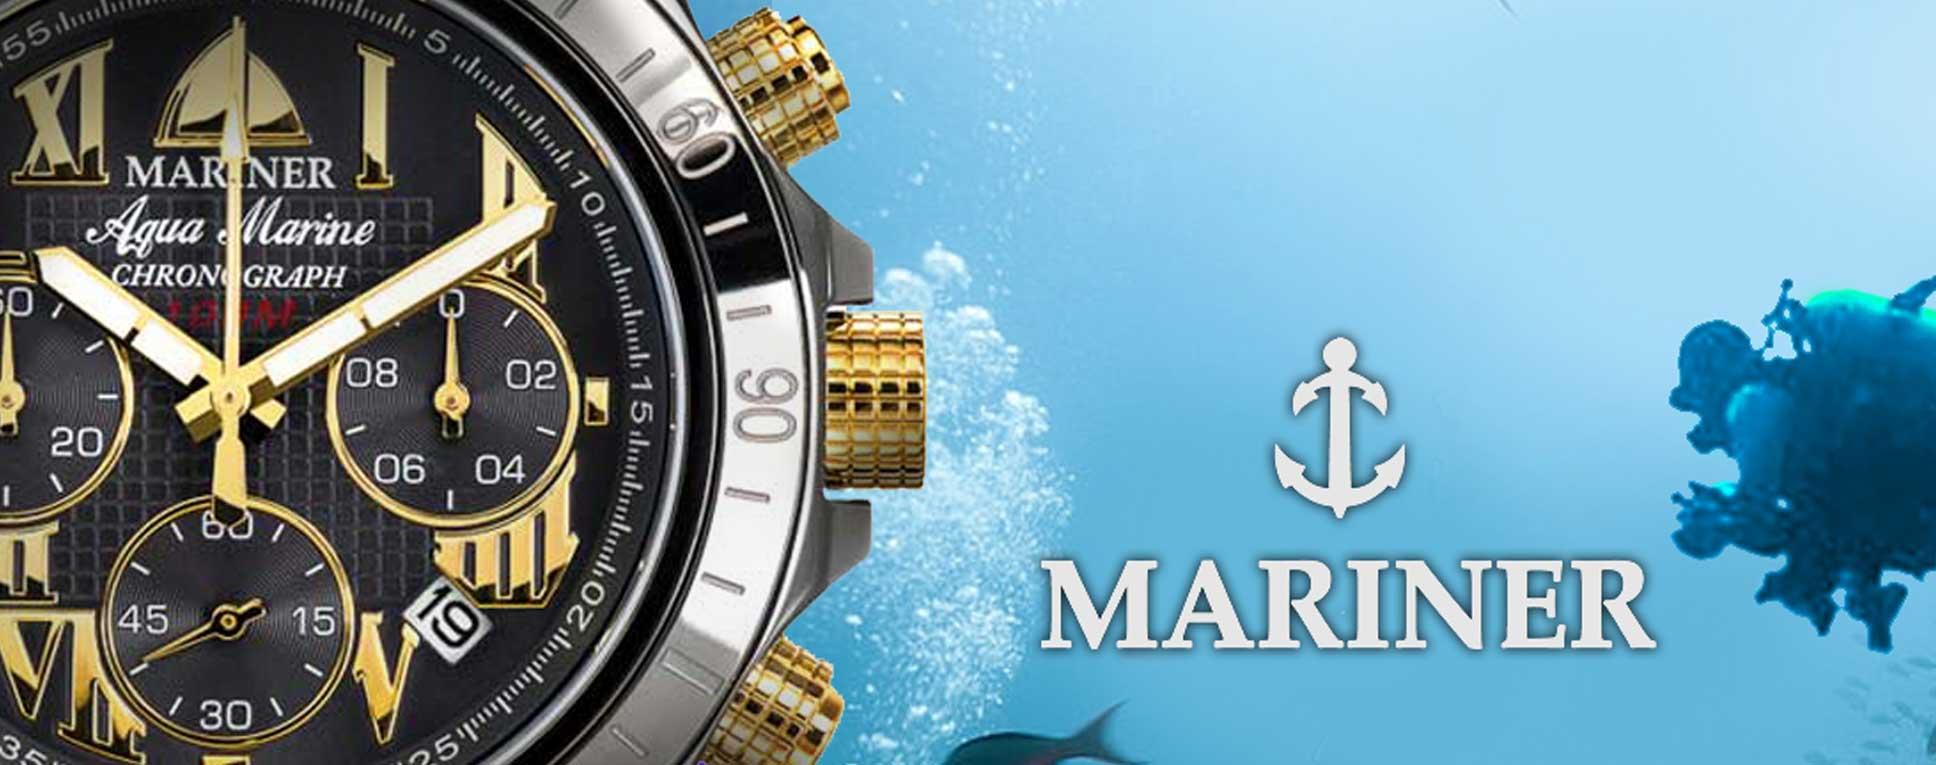 Aqua-Marine-mobile